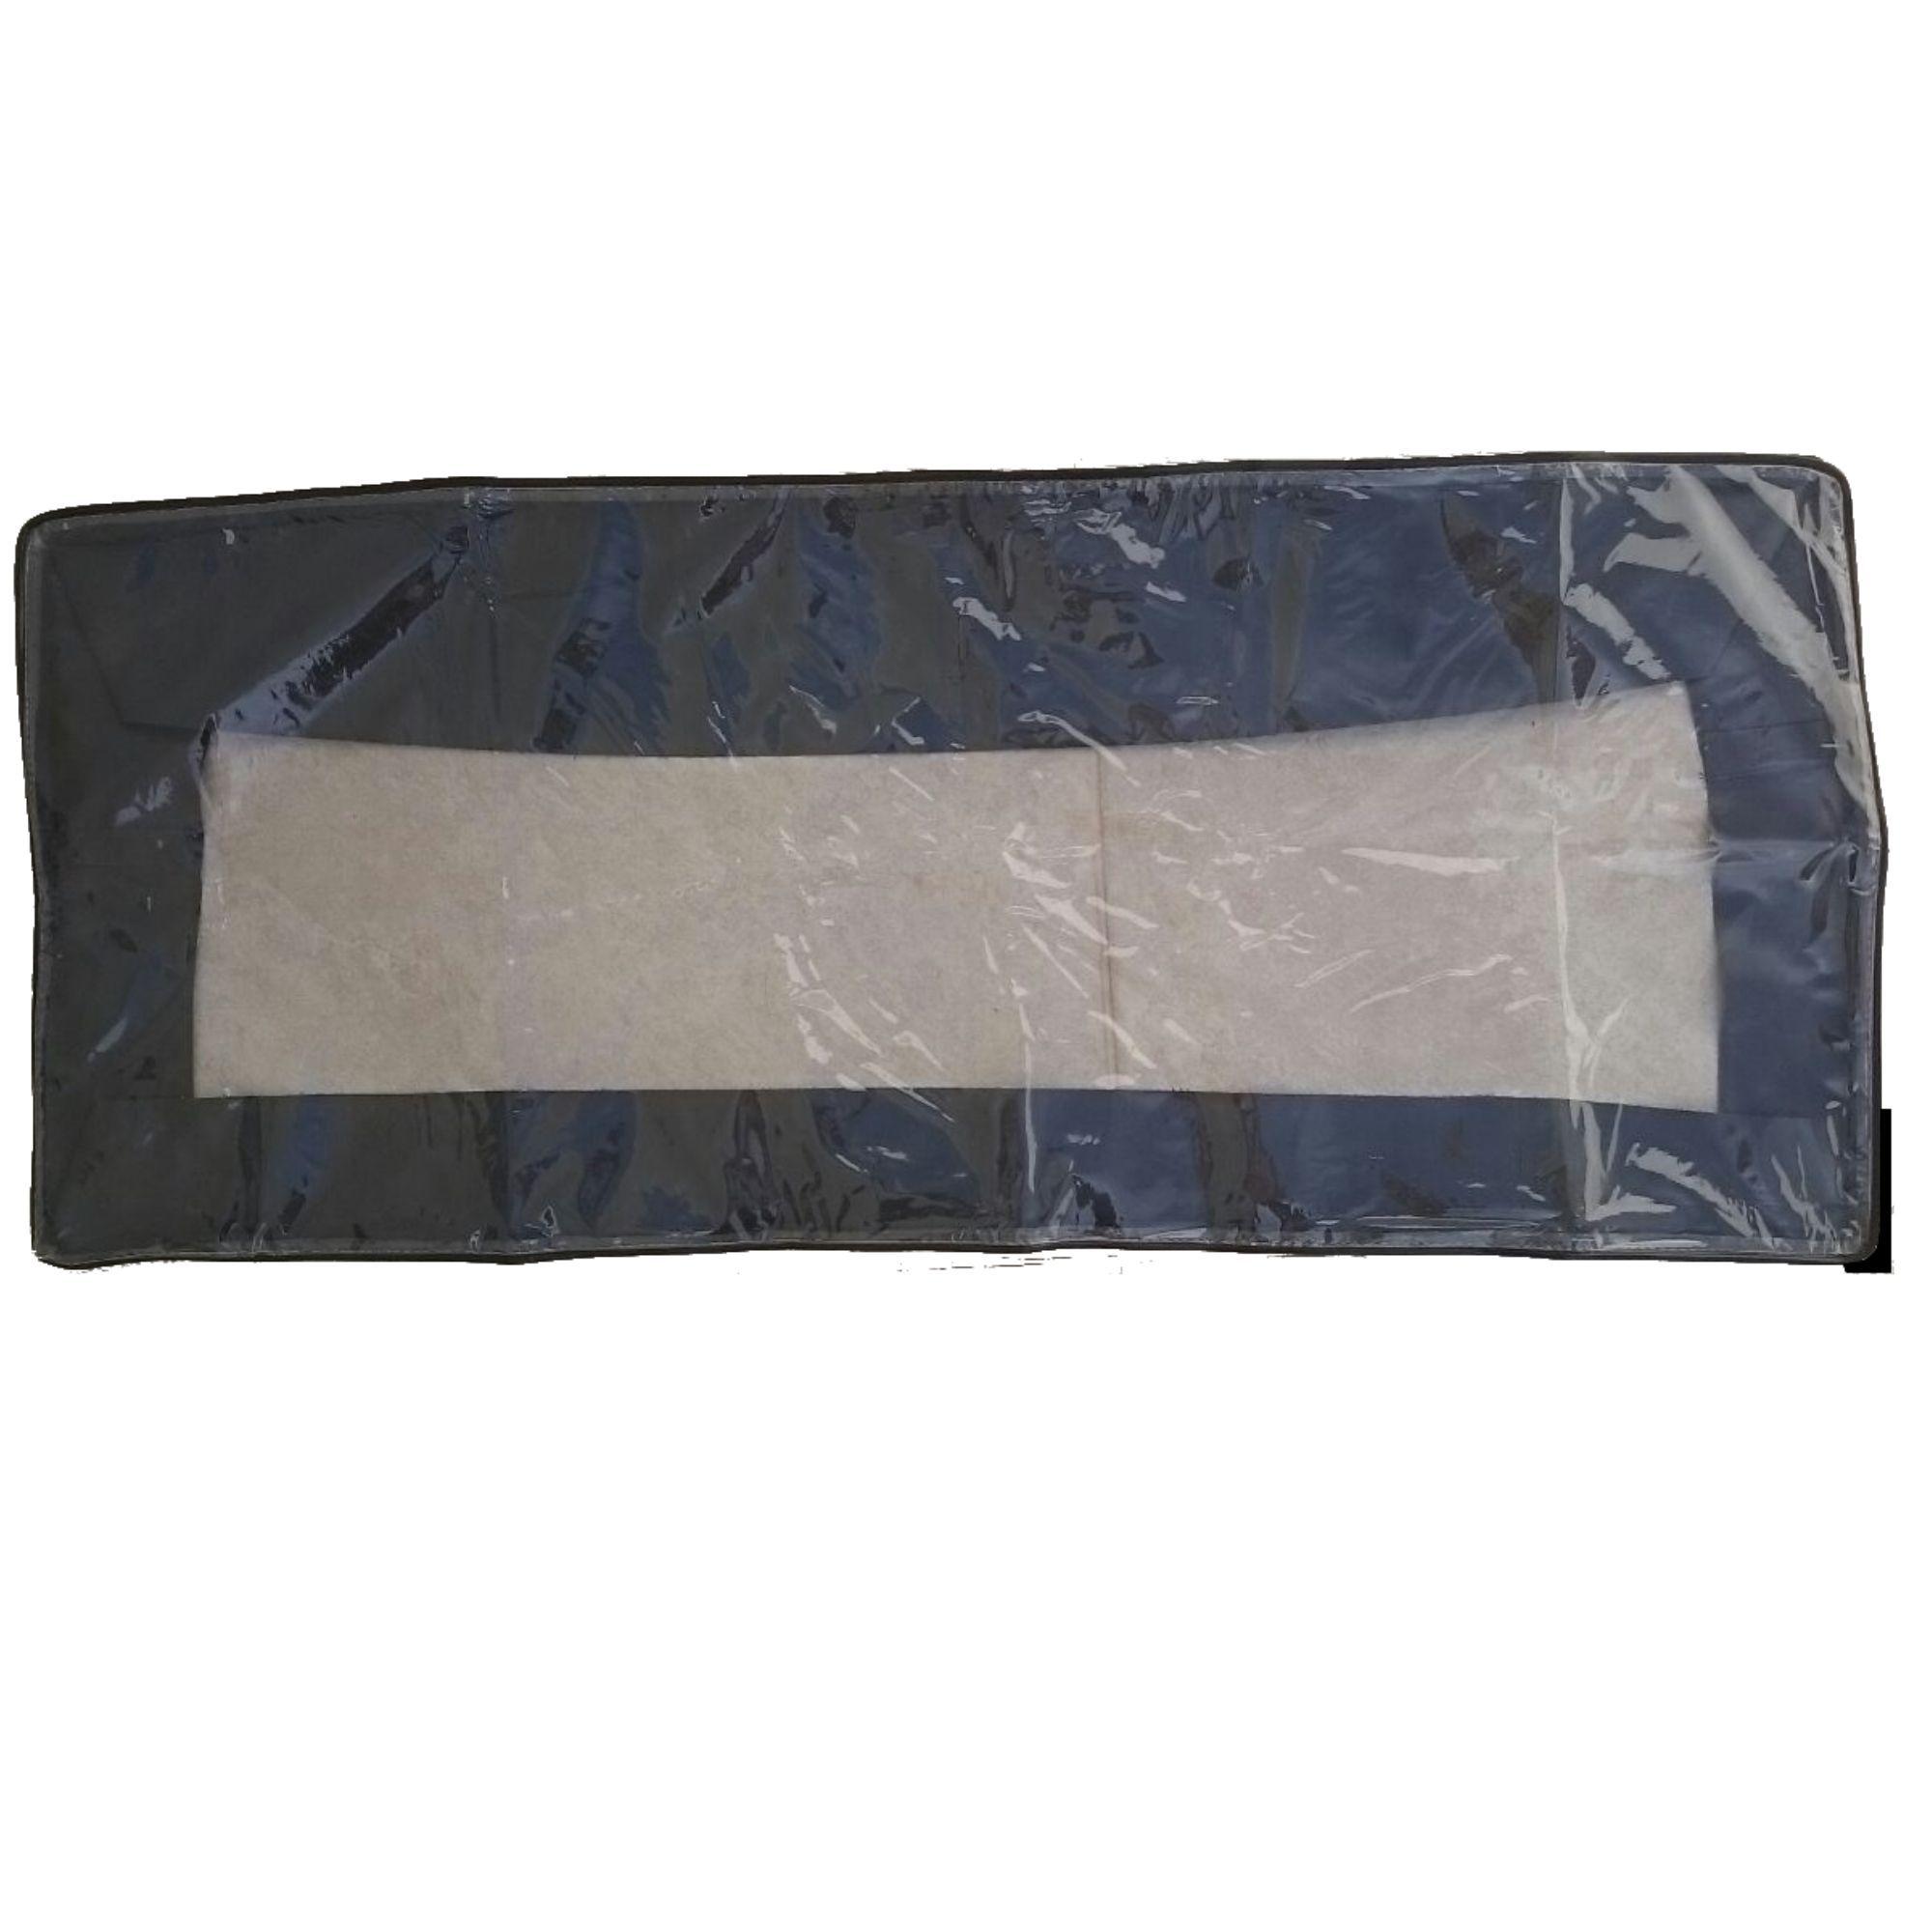 Capa Expositora Cristal para Teclados XPS 10, UMX 610 e outros. Proteção contra poeira (101 x 23 x 10 cm)